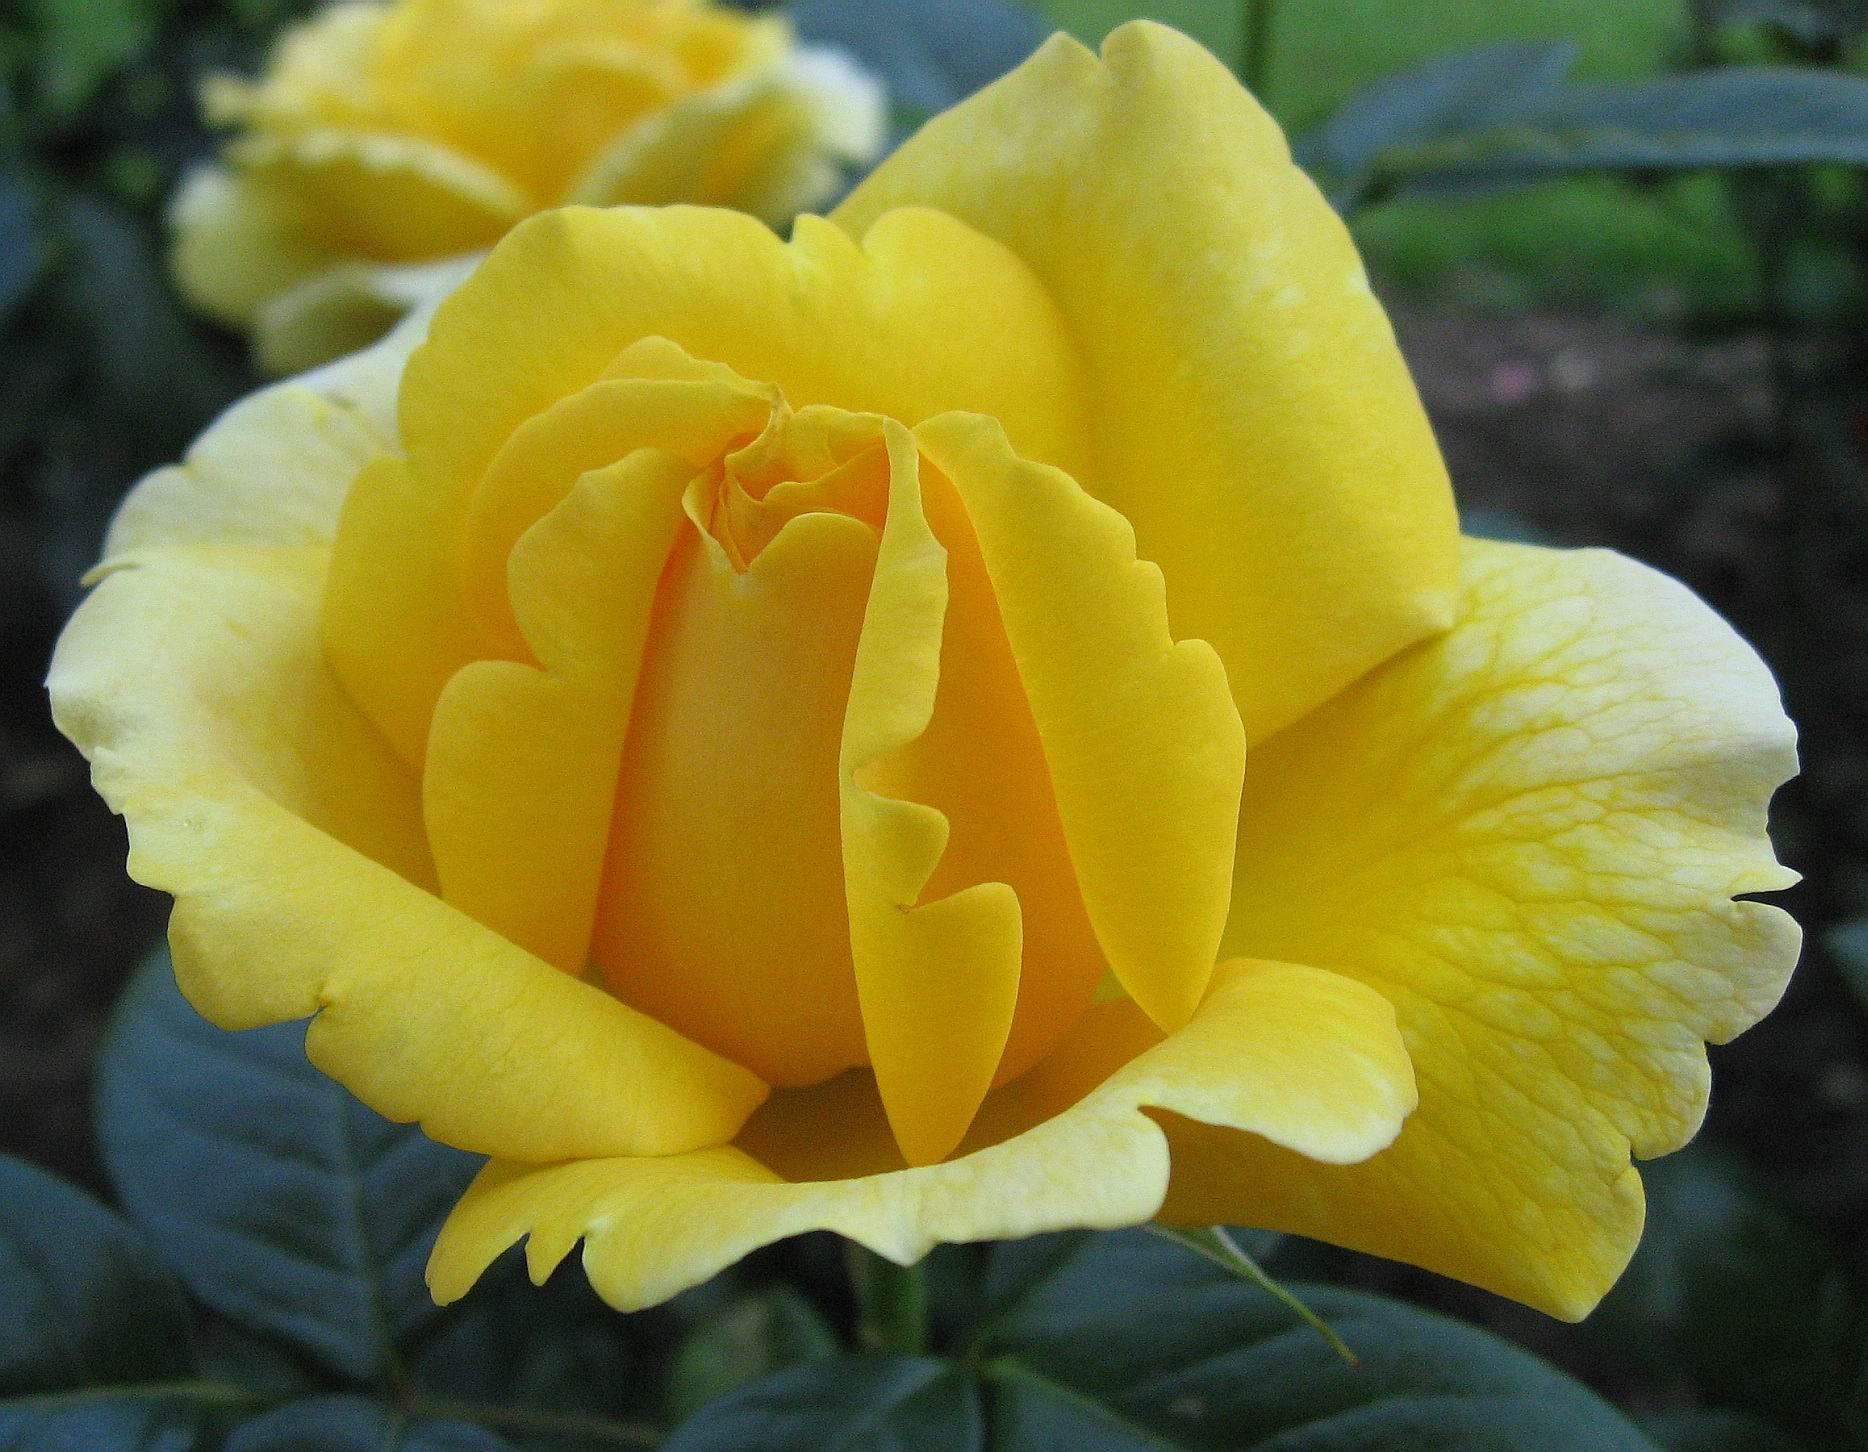 بالصور صور اجمل الورود , صورة احلى الورود فى العالم 5136 7